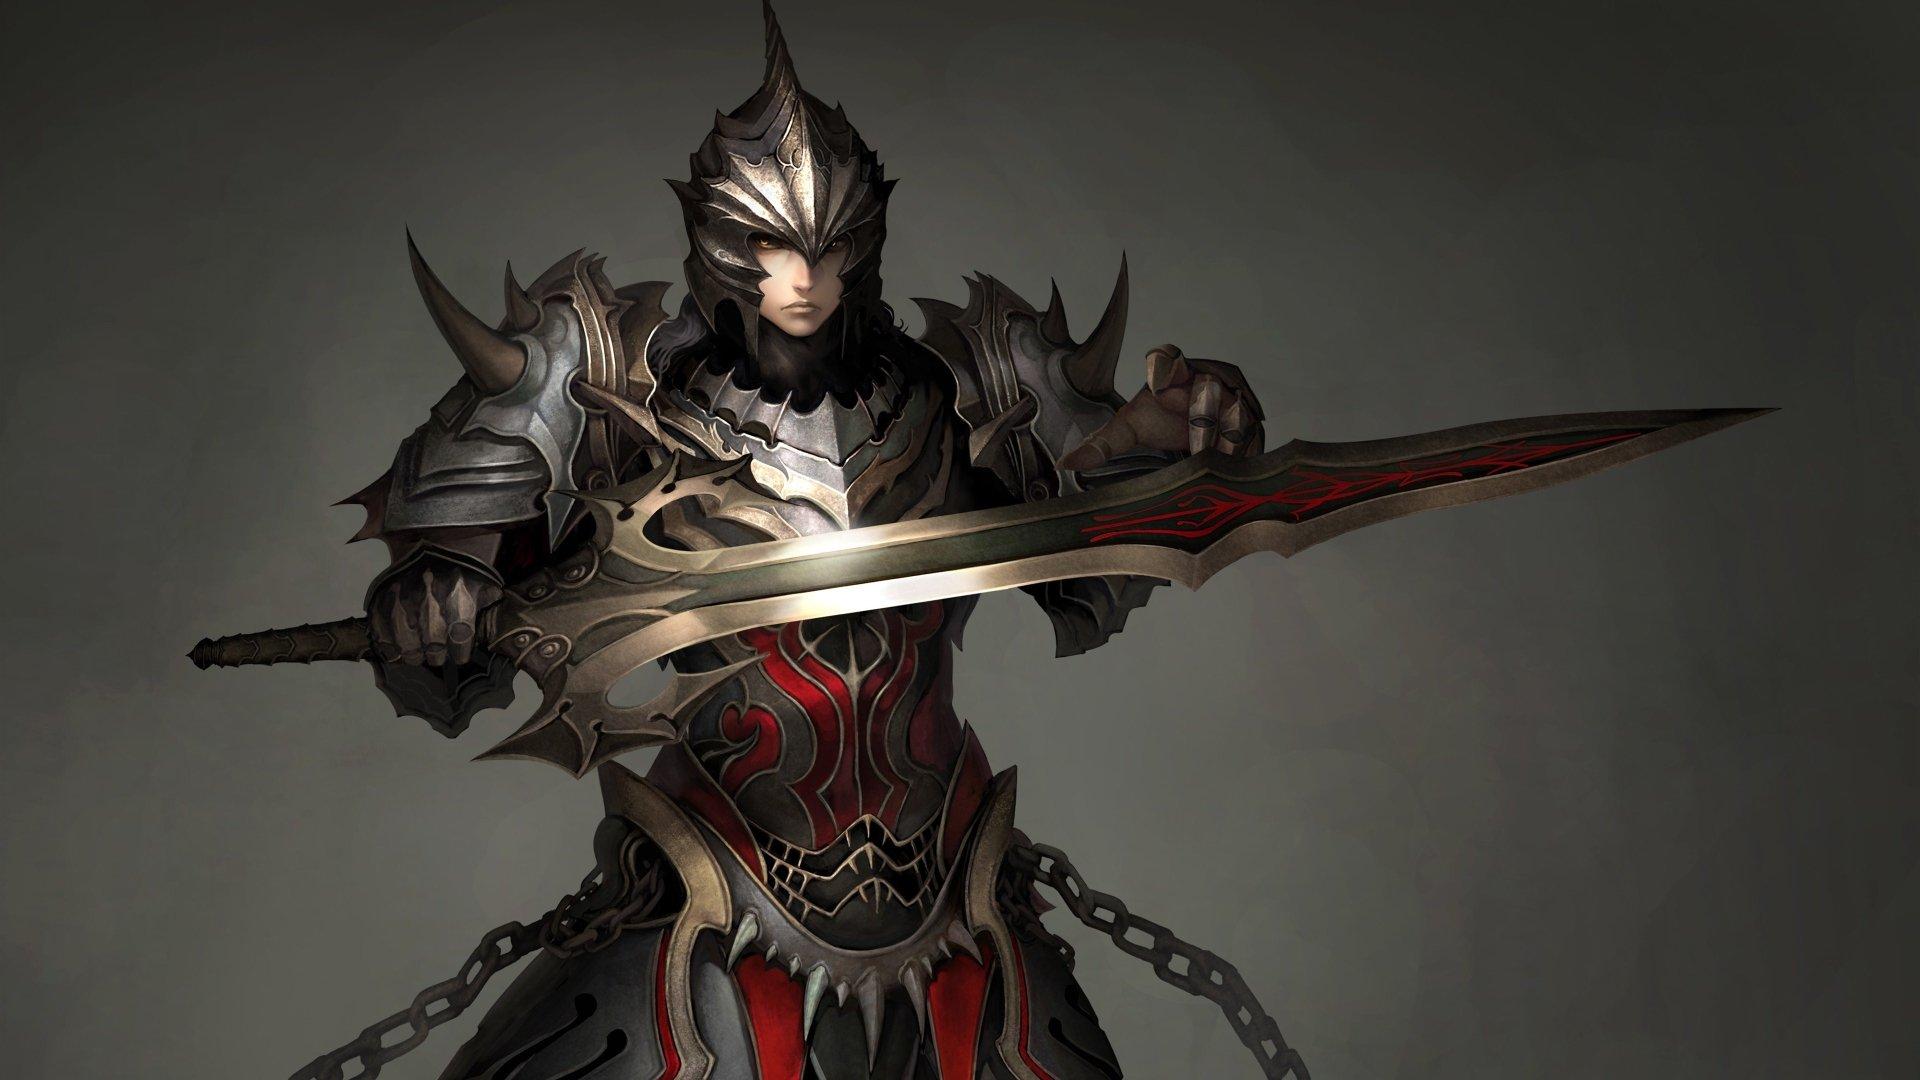 Video Game - Atlantica Online  Warrior Wallpaper